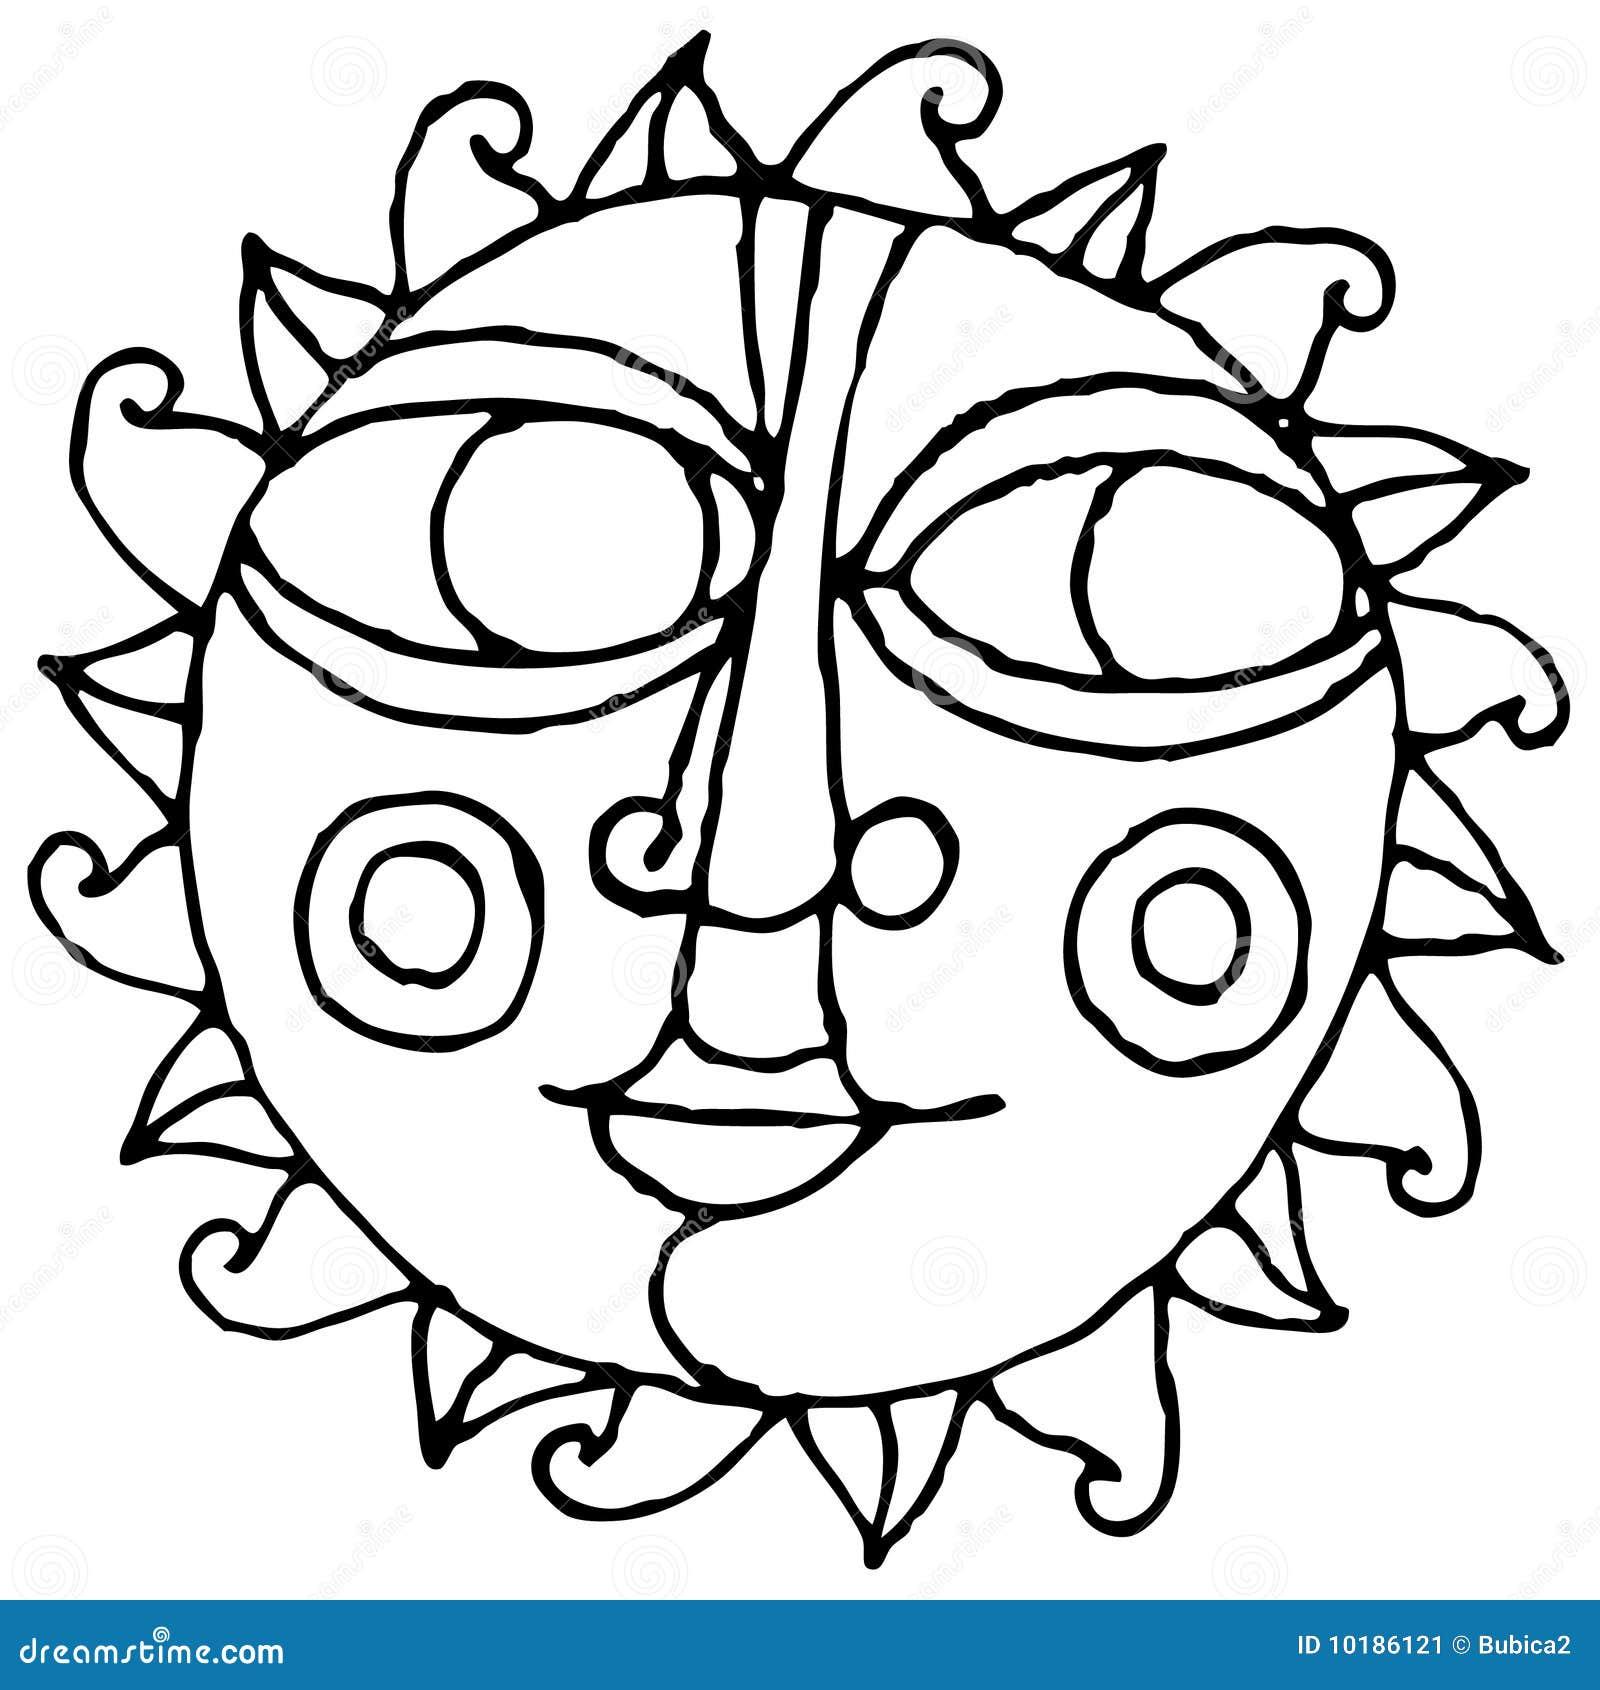 desenho simples da mão do sol grande do olho preto e branco